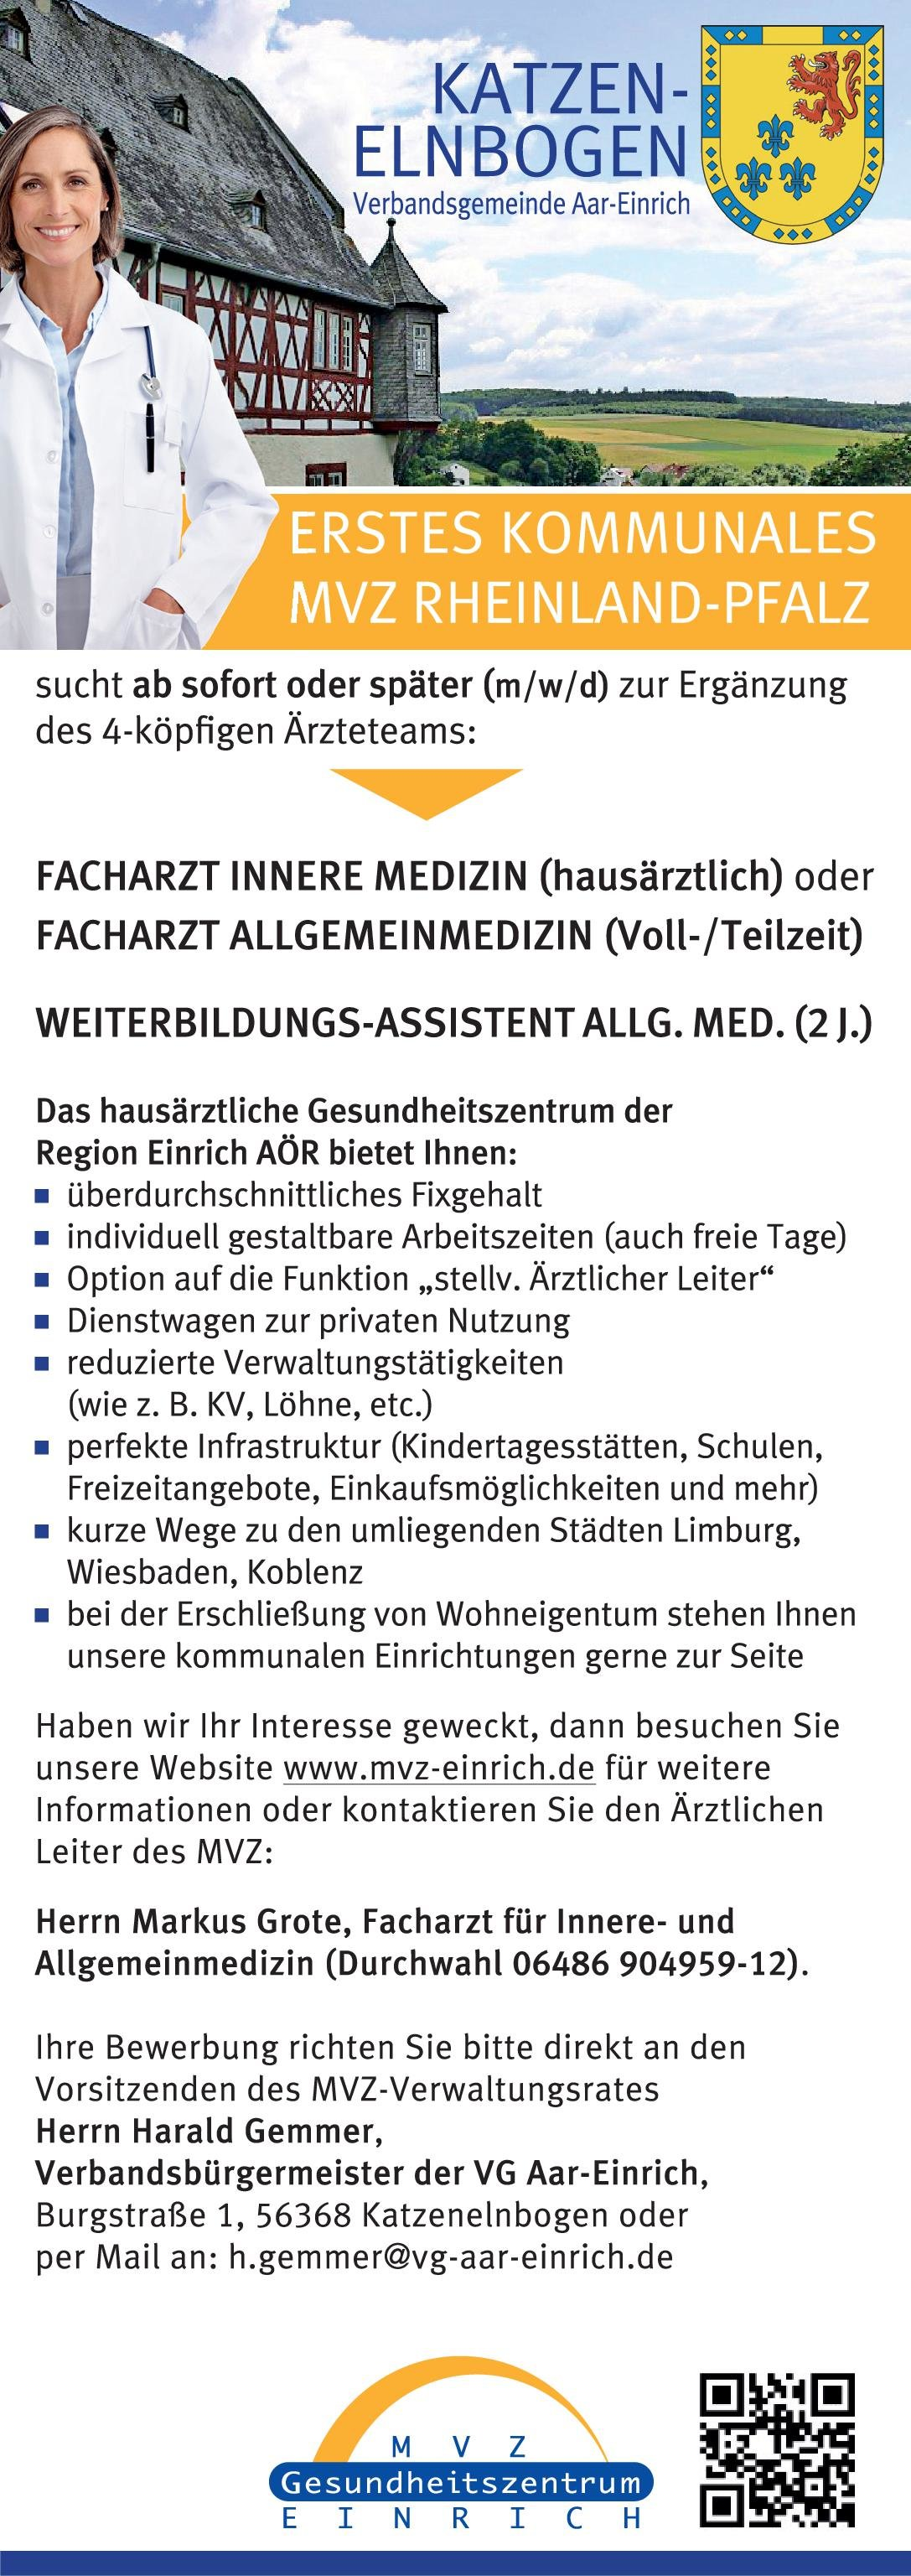 MVZ Gesundheitszentrum Einrich Weiterbildungs-Assistent Allg.med. (2 J.) Allgemeinmedizin Assistenzarzt / Arzt in Weiterbildung